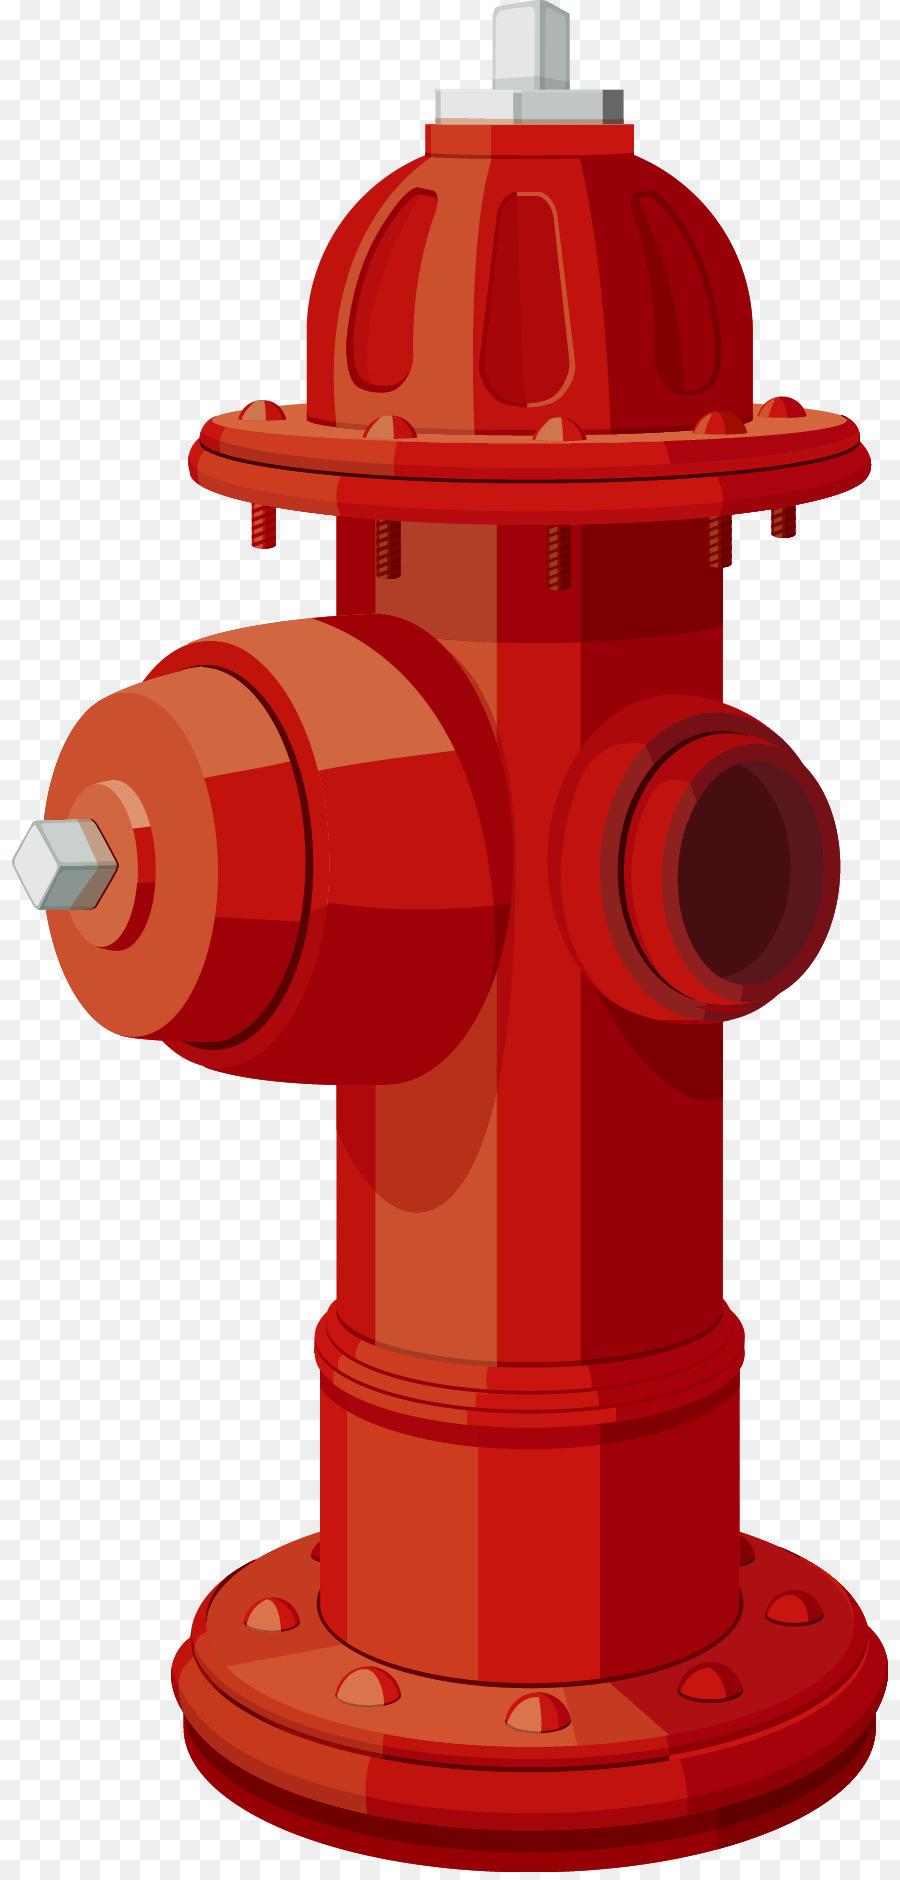 Открытки анимированные, картинка пожарного гидранта